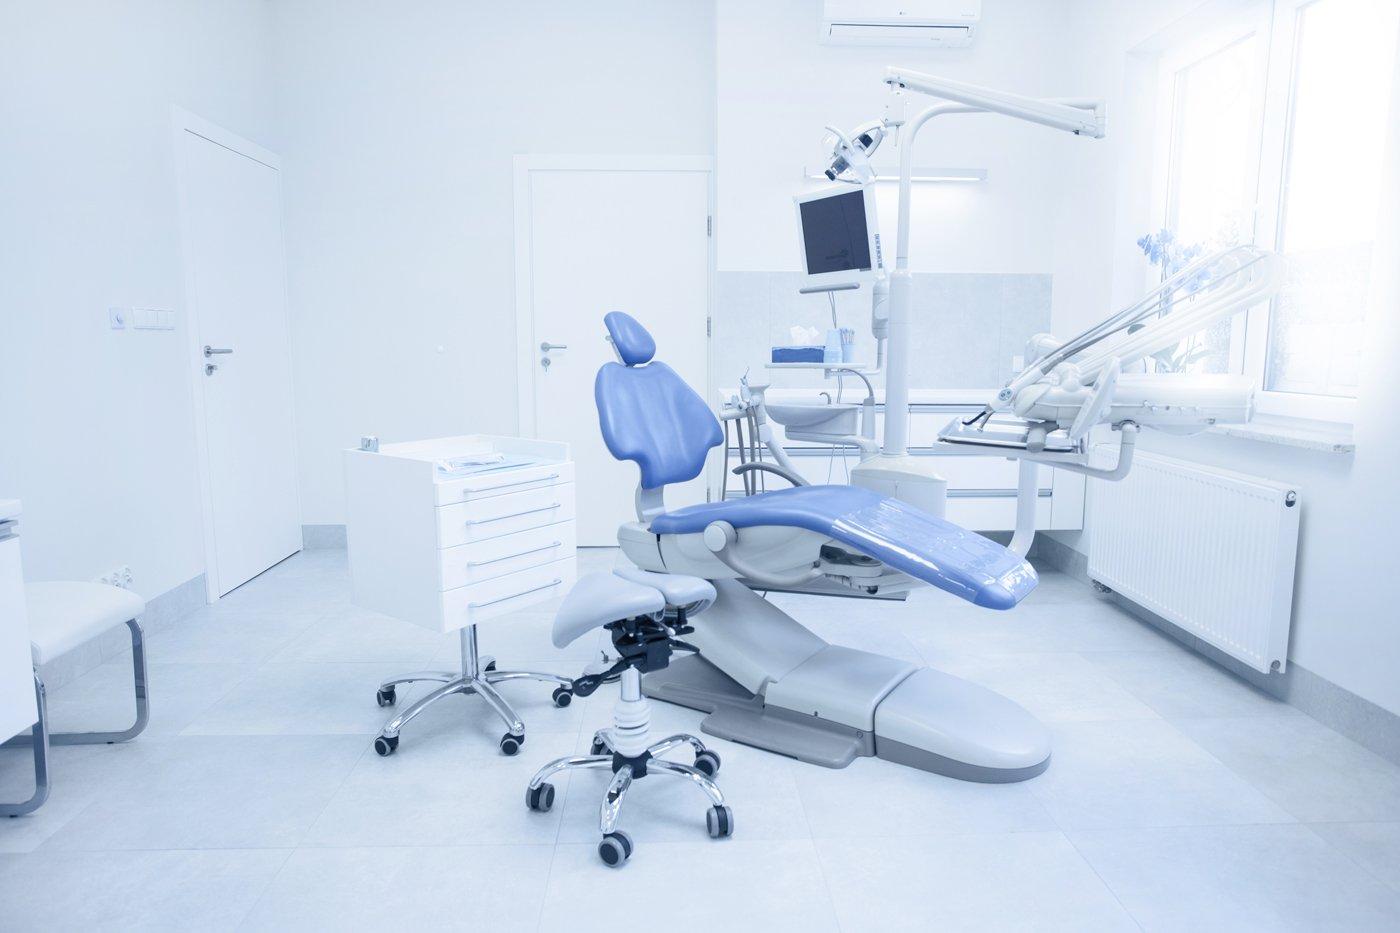 sala visite dentistiche